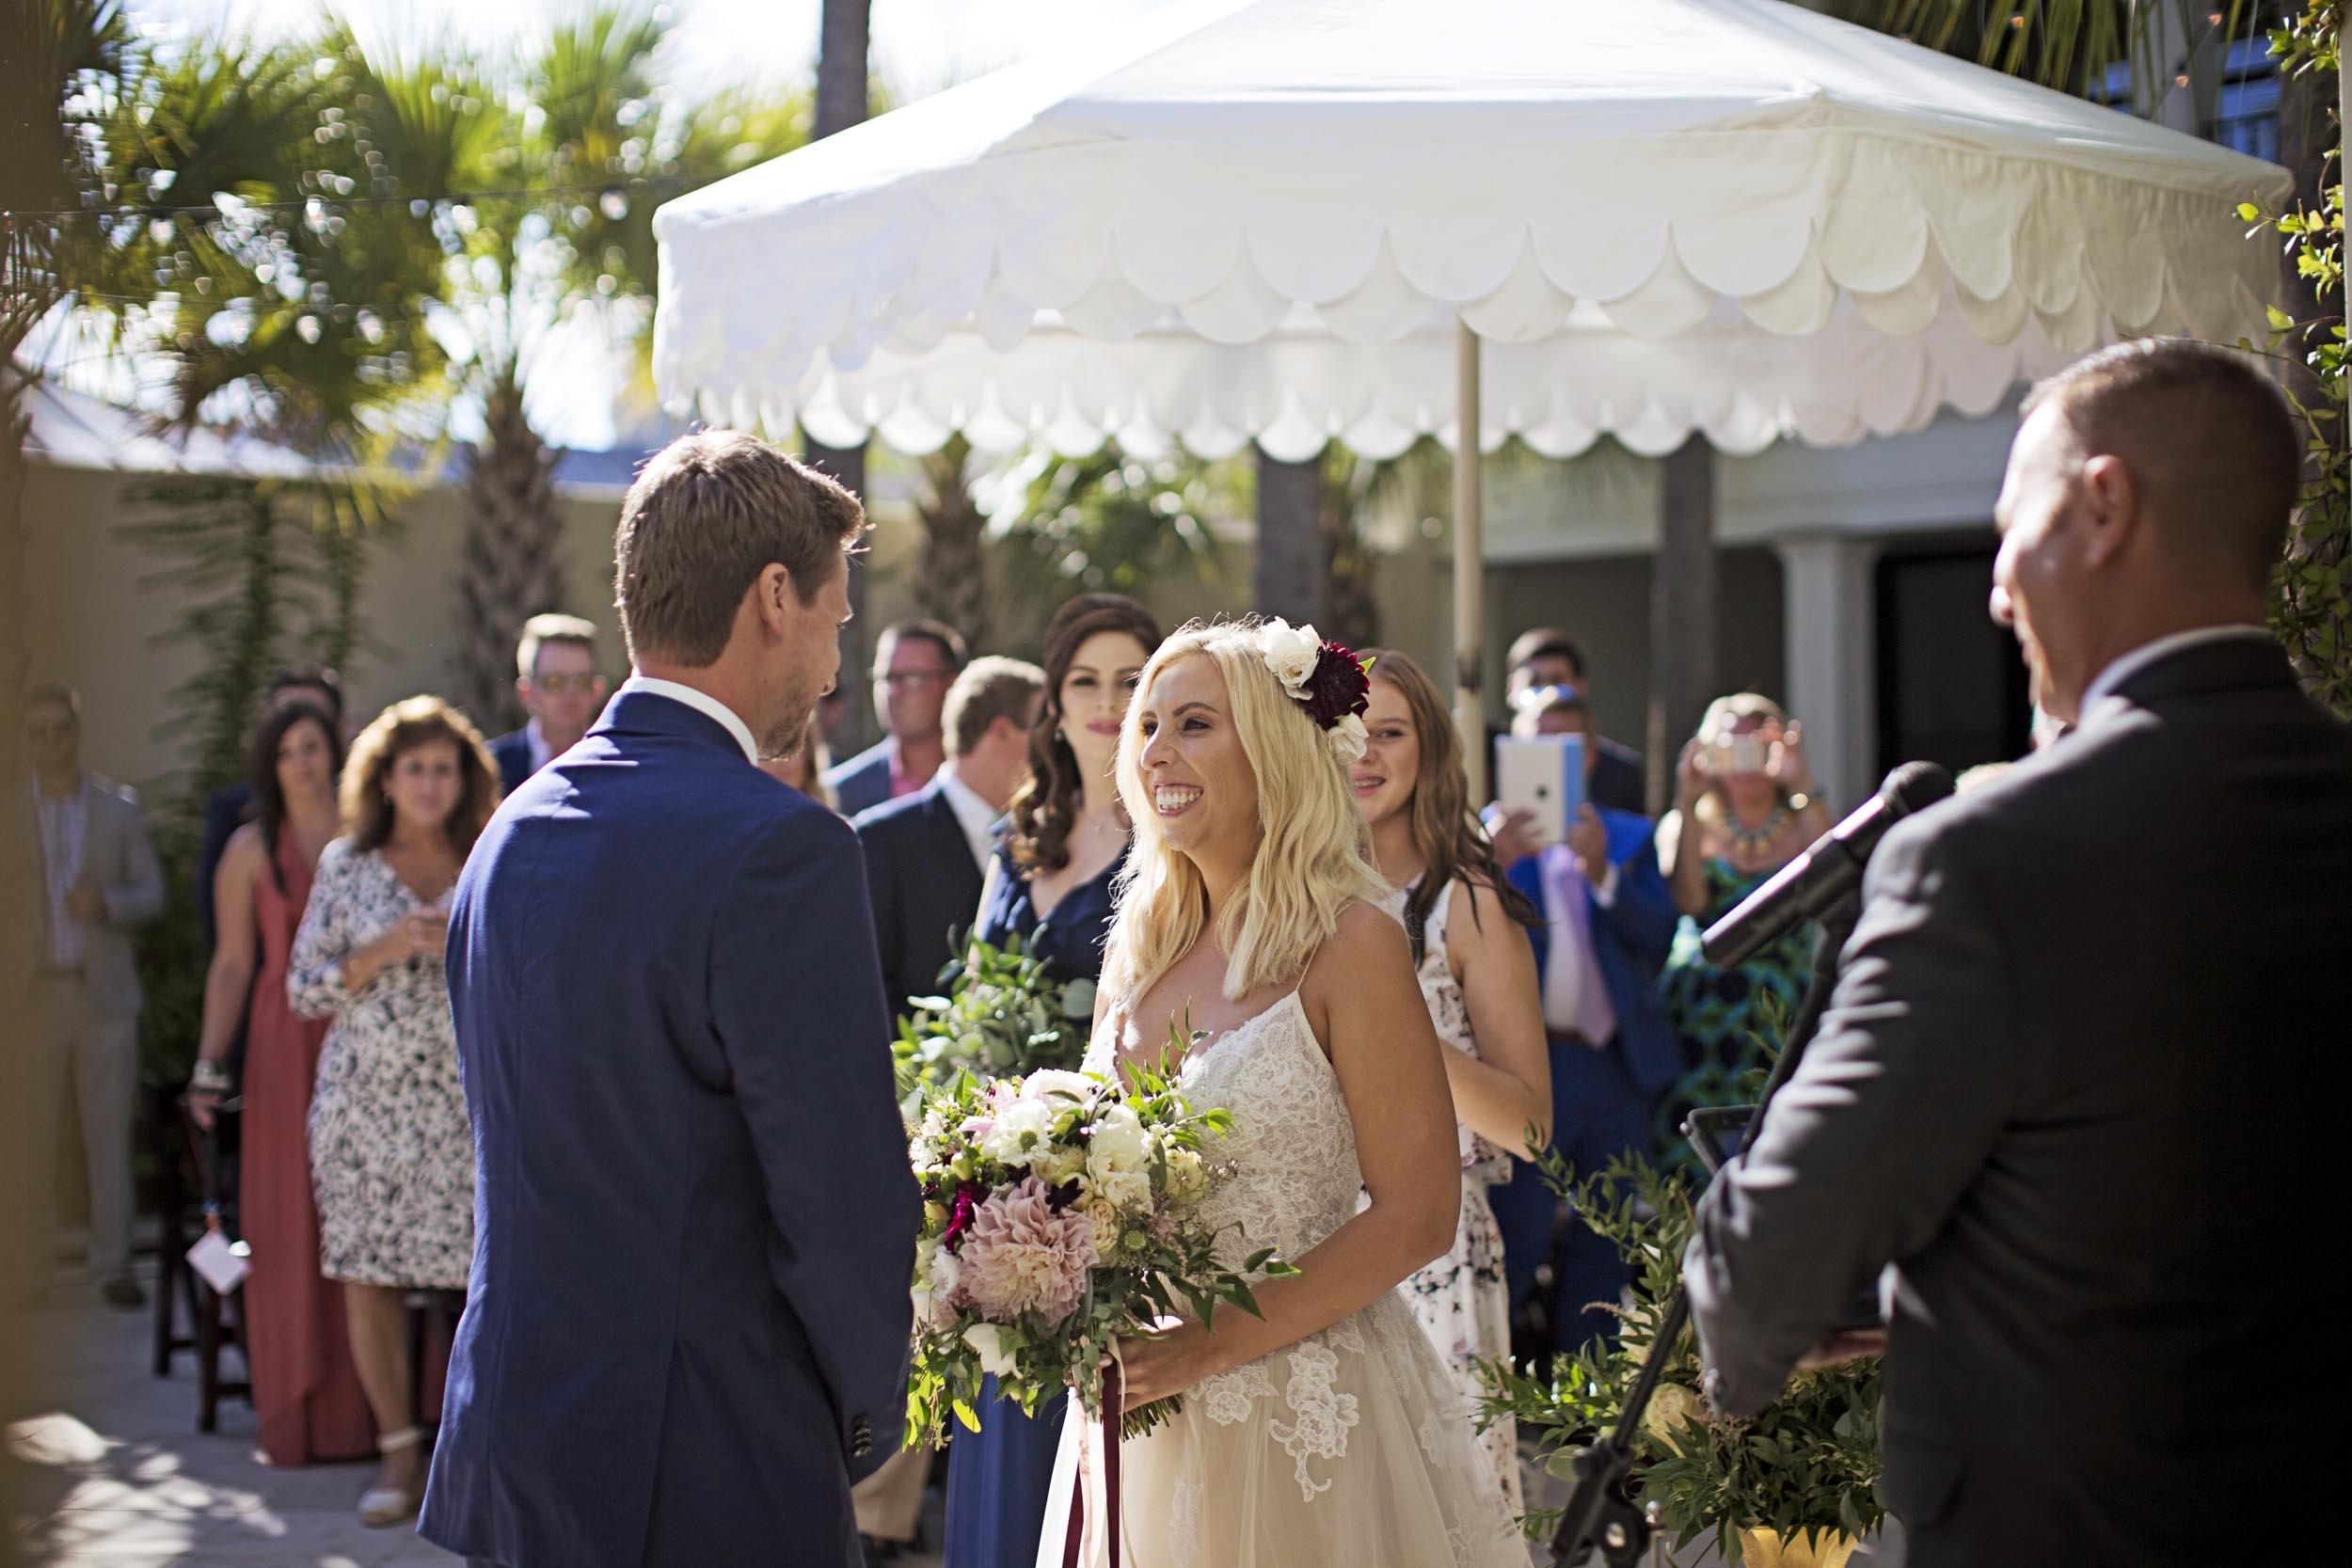 weddings-charleston14.JPG